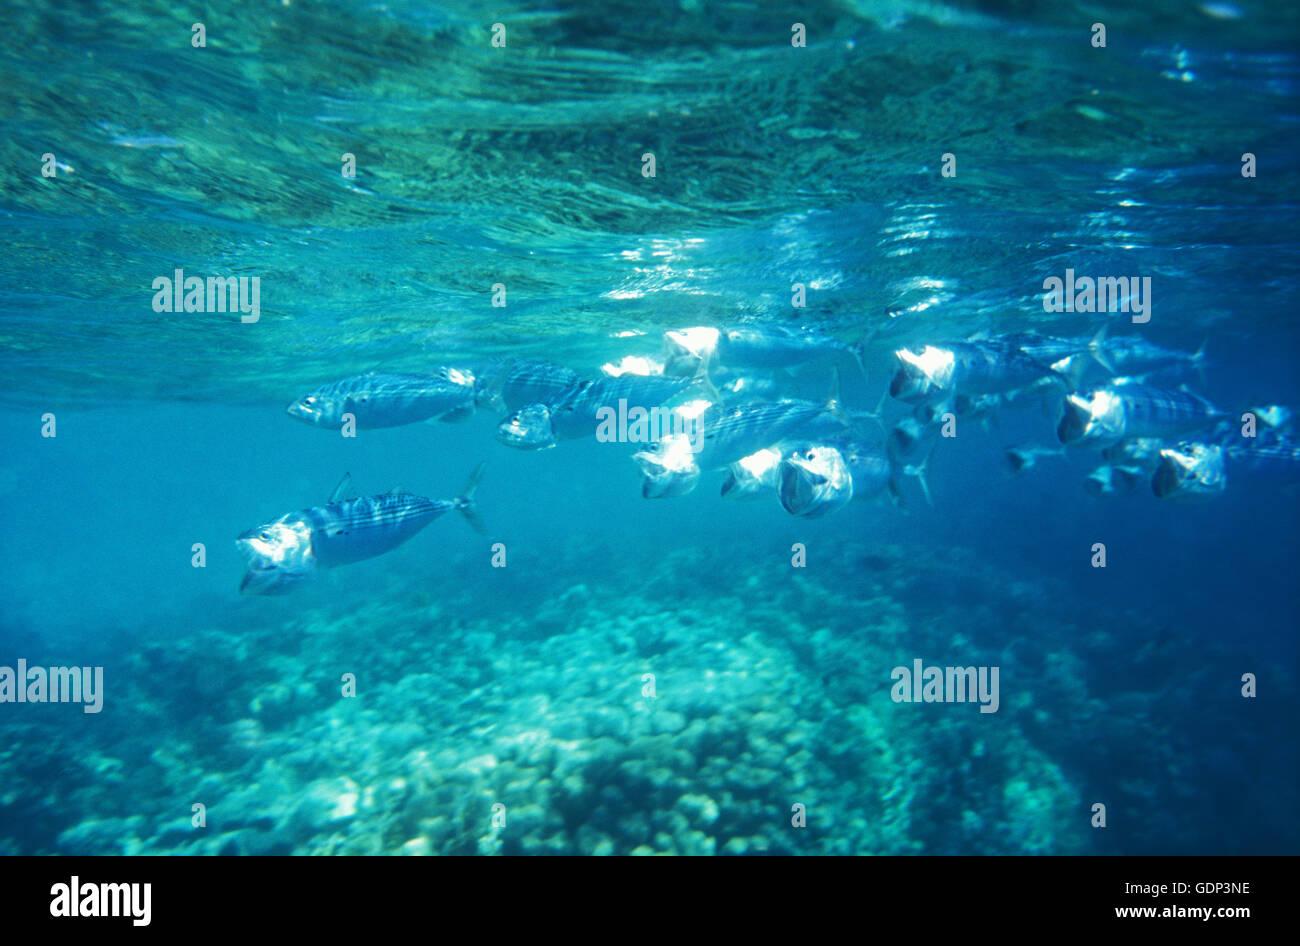 Breitmaulmakrelen, Marsa Alam, Ägypten, Afrika - Stock Image